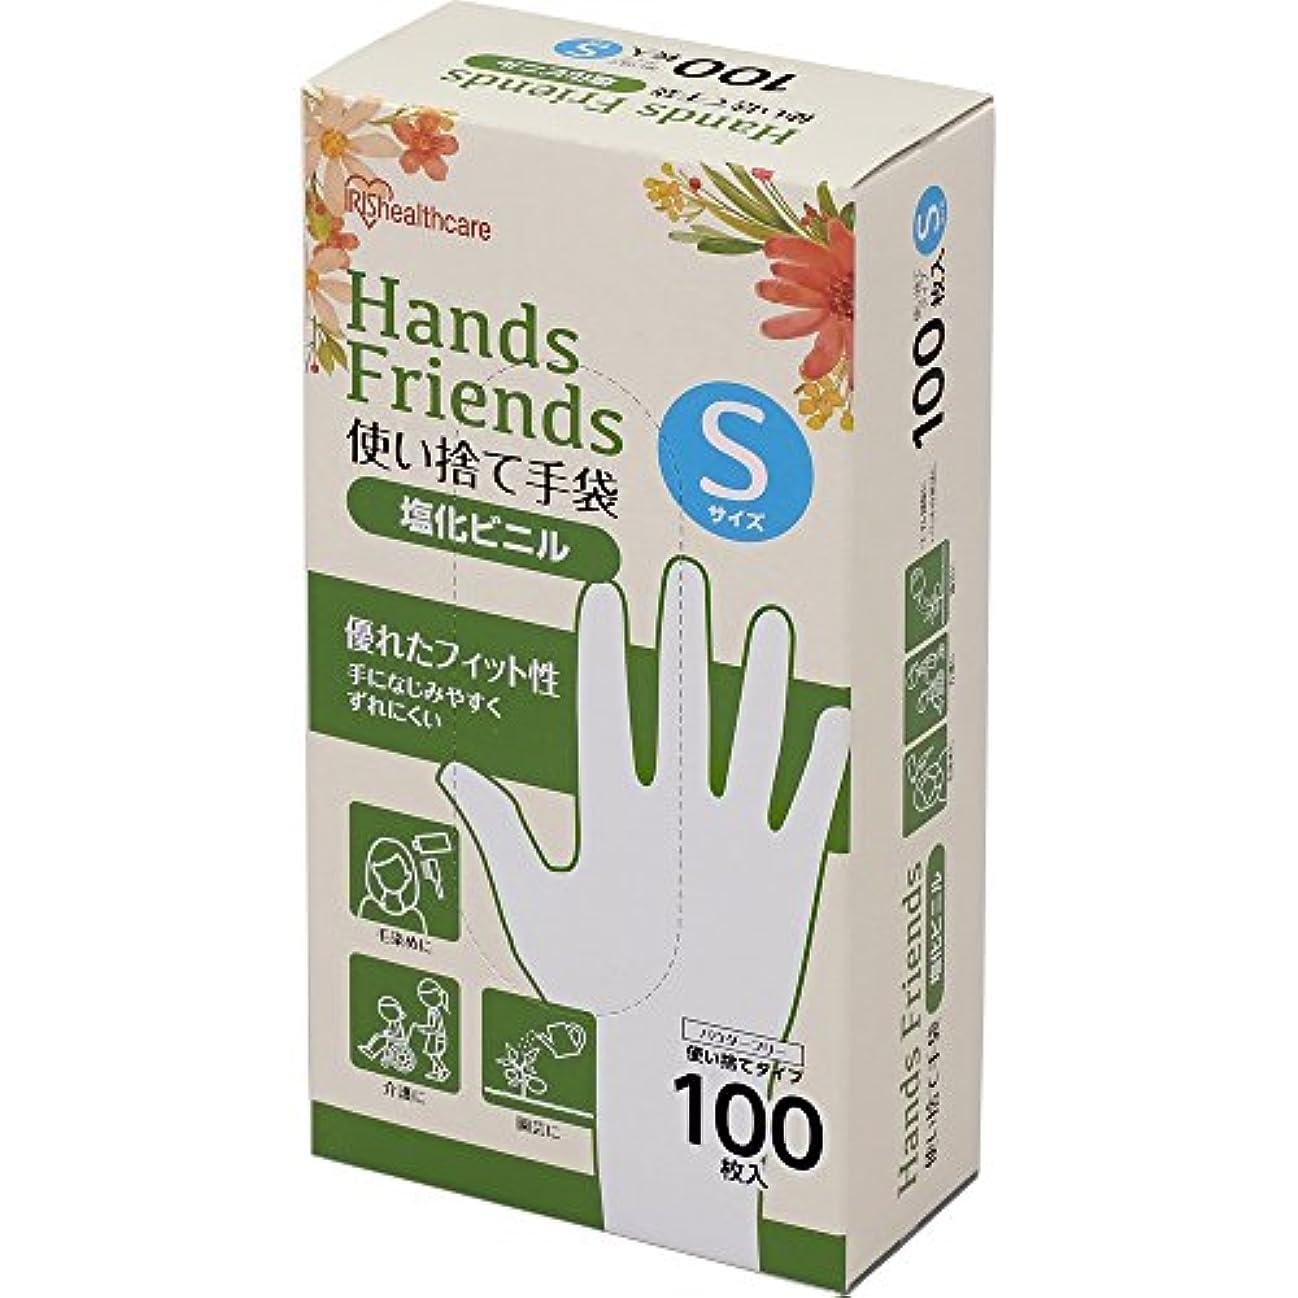 はさみベットベアリング使い捨て手袋 クリア 塩化ビニル 100枚 Sサイズ PVC-100S